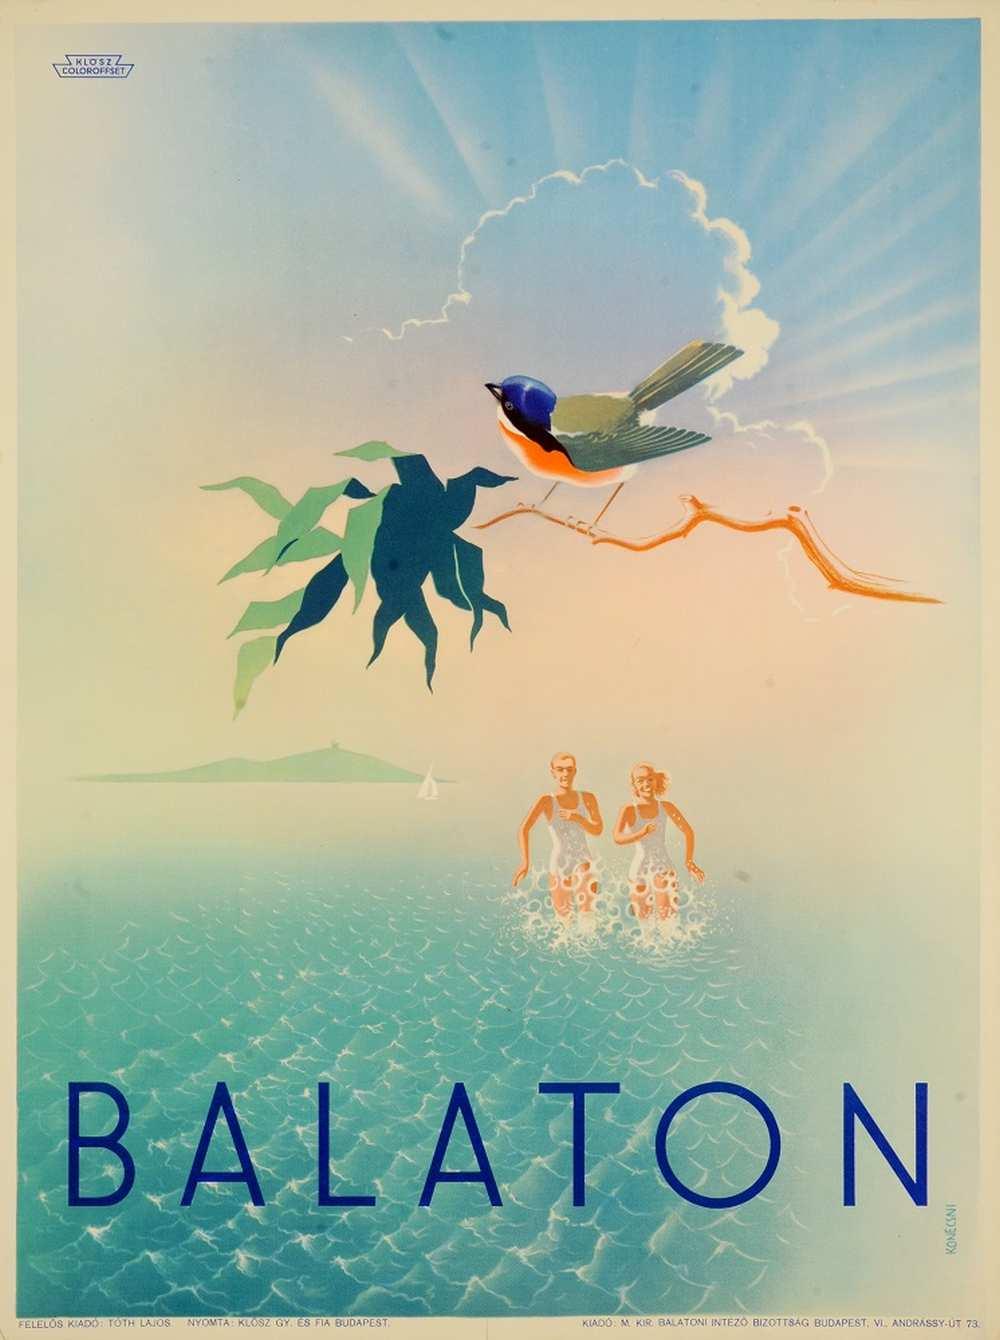 Konecsni György: Balaton (1935). Jelzet: PKG.én/71 – Térkép-, Plakát- és Kisnyomtatványtár http://nektar.oszk.hu/hu/manifestation/2768720